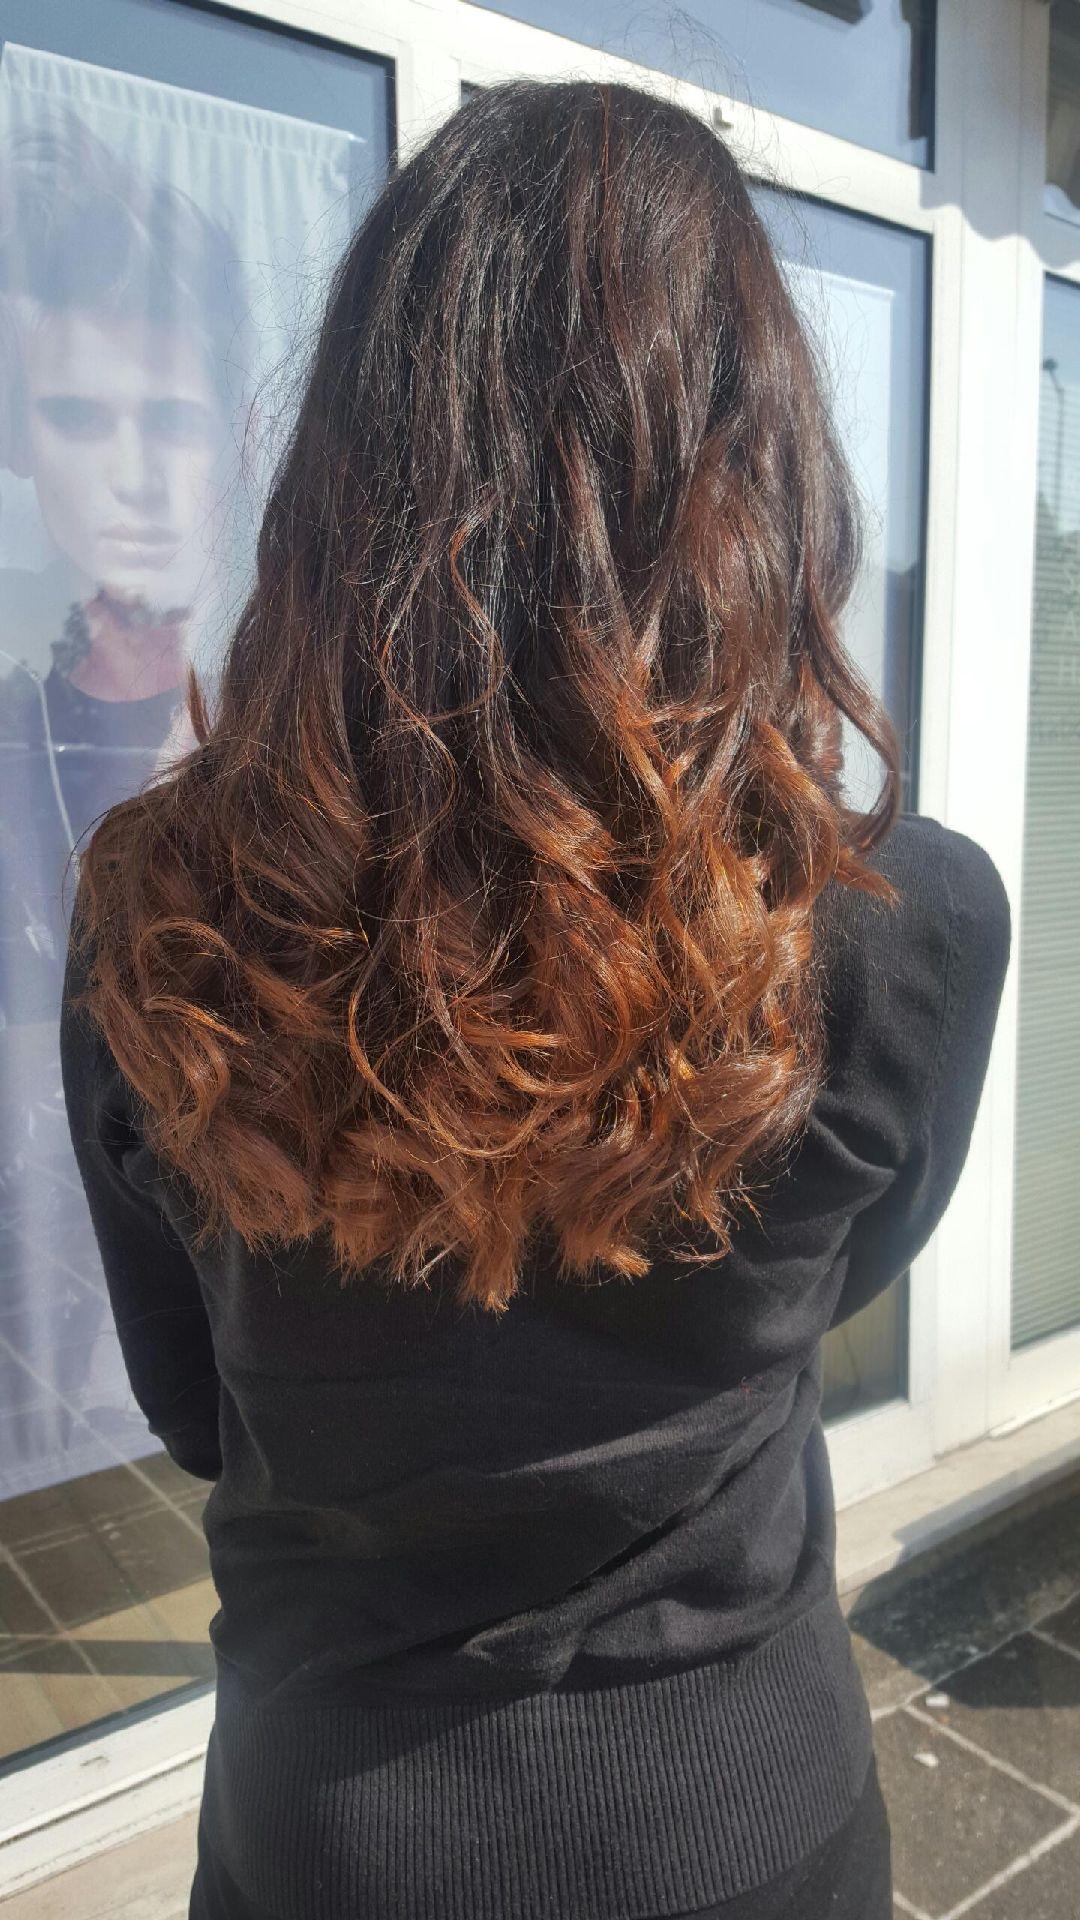 Transformation coiffure - Votre salon de coiffure - Coiffure à l'image